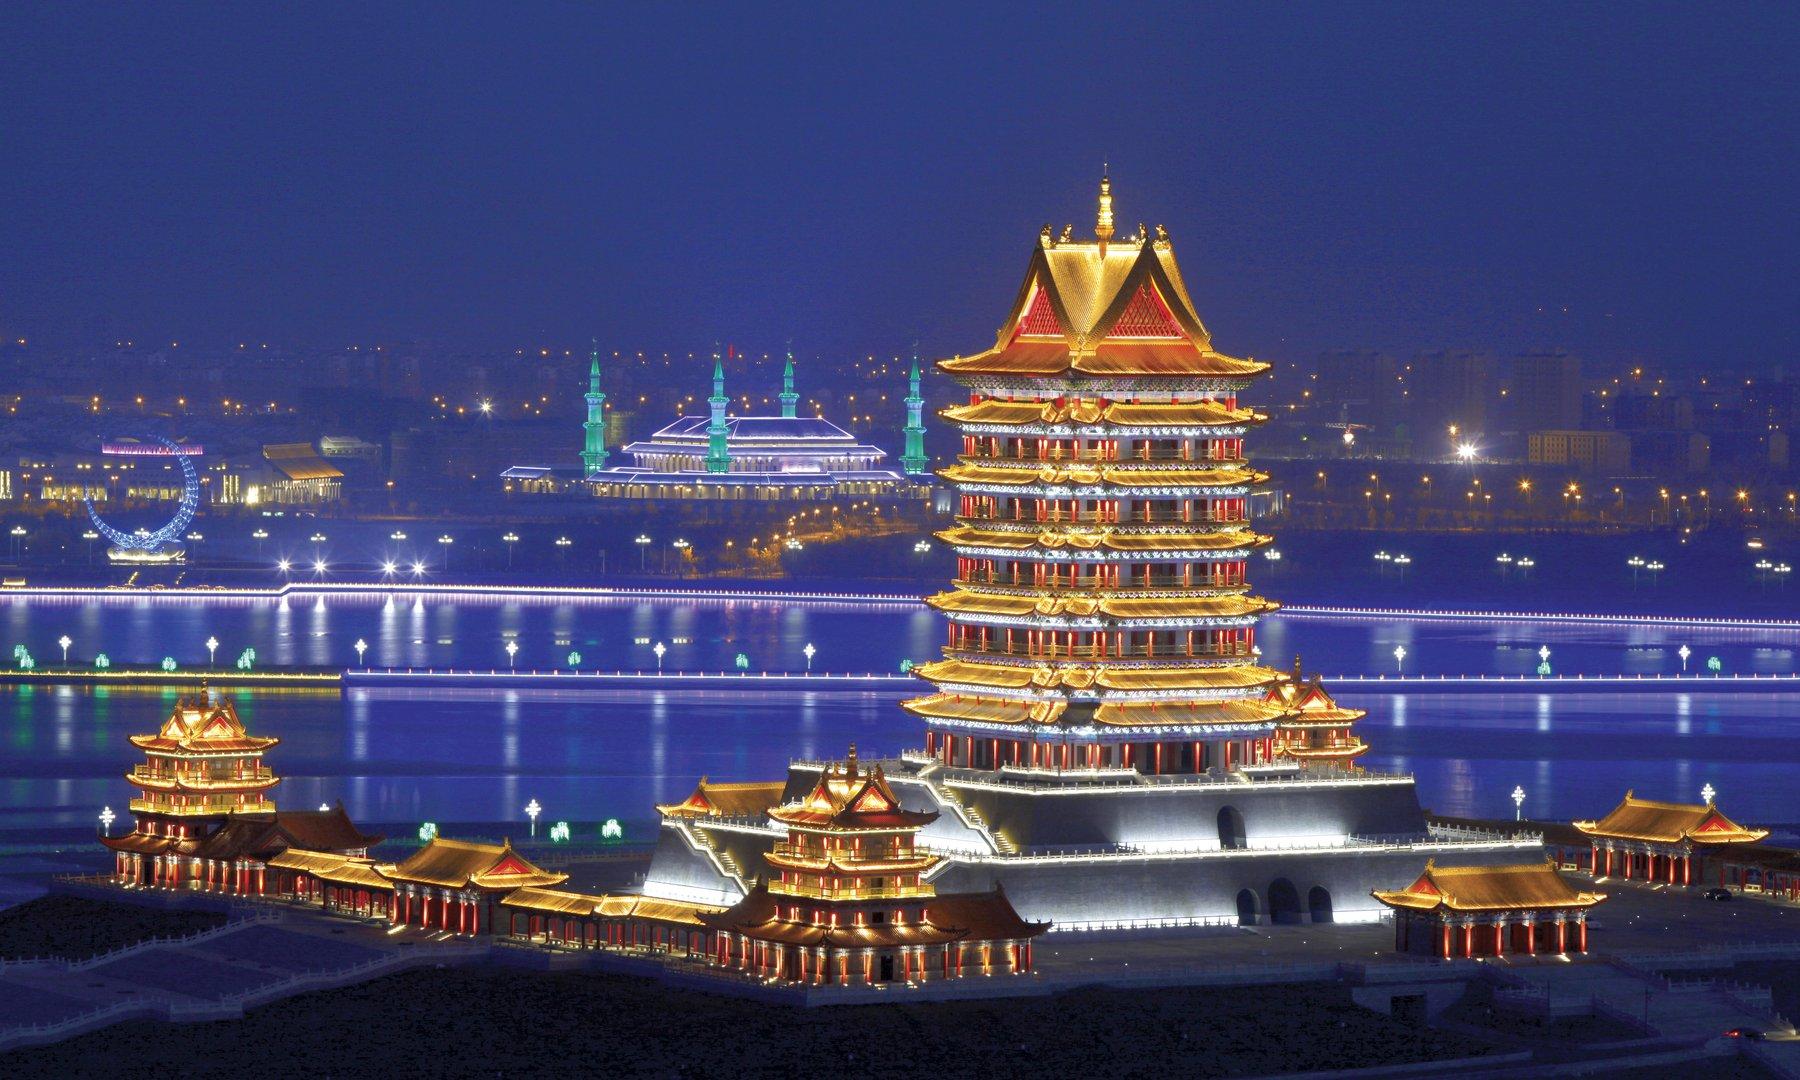 青铜峡黄河大峡谷  aaaa级景区 地址:宁夏吴忠青铜峡市青铜峡镇交通